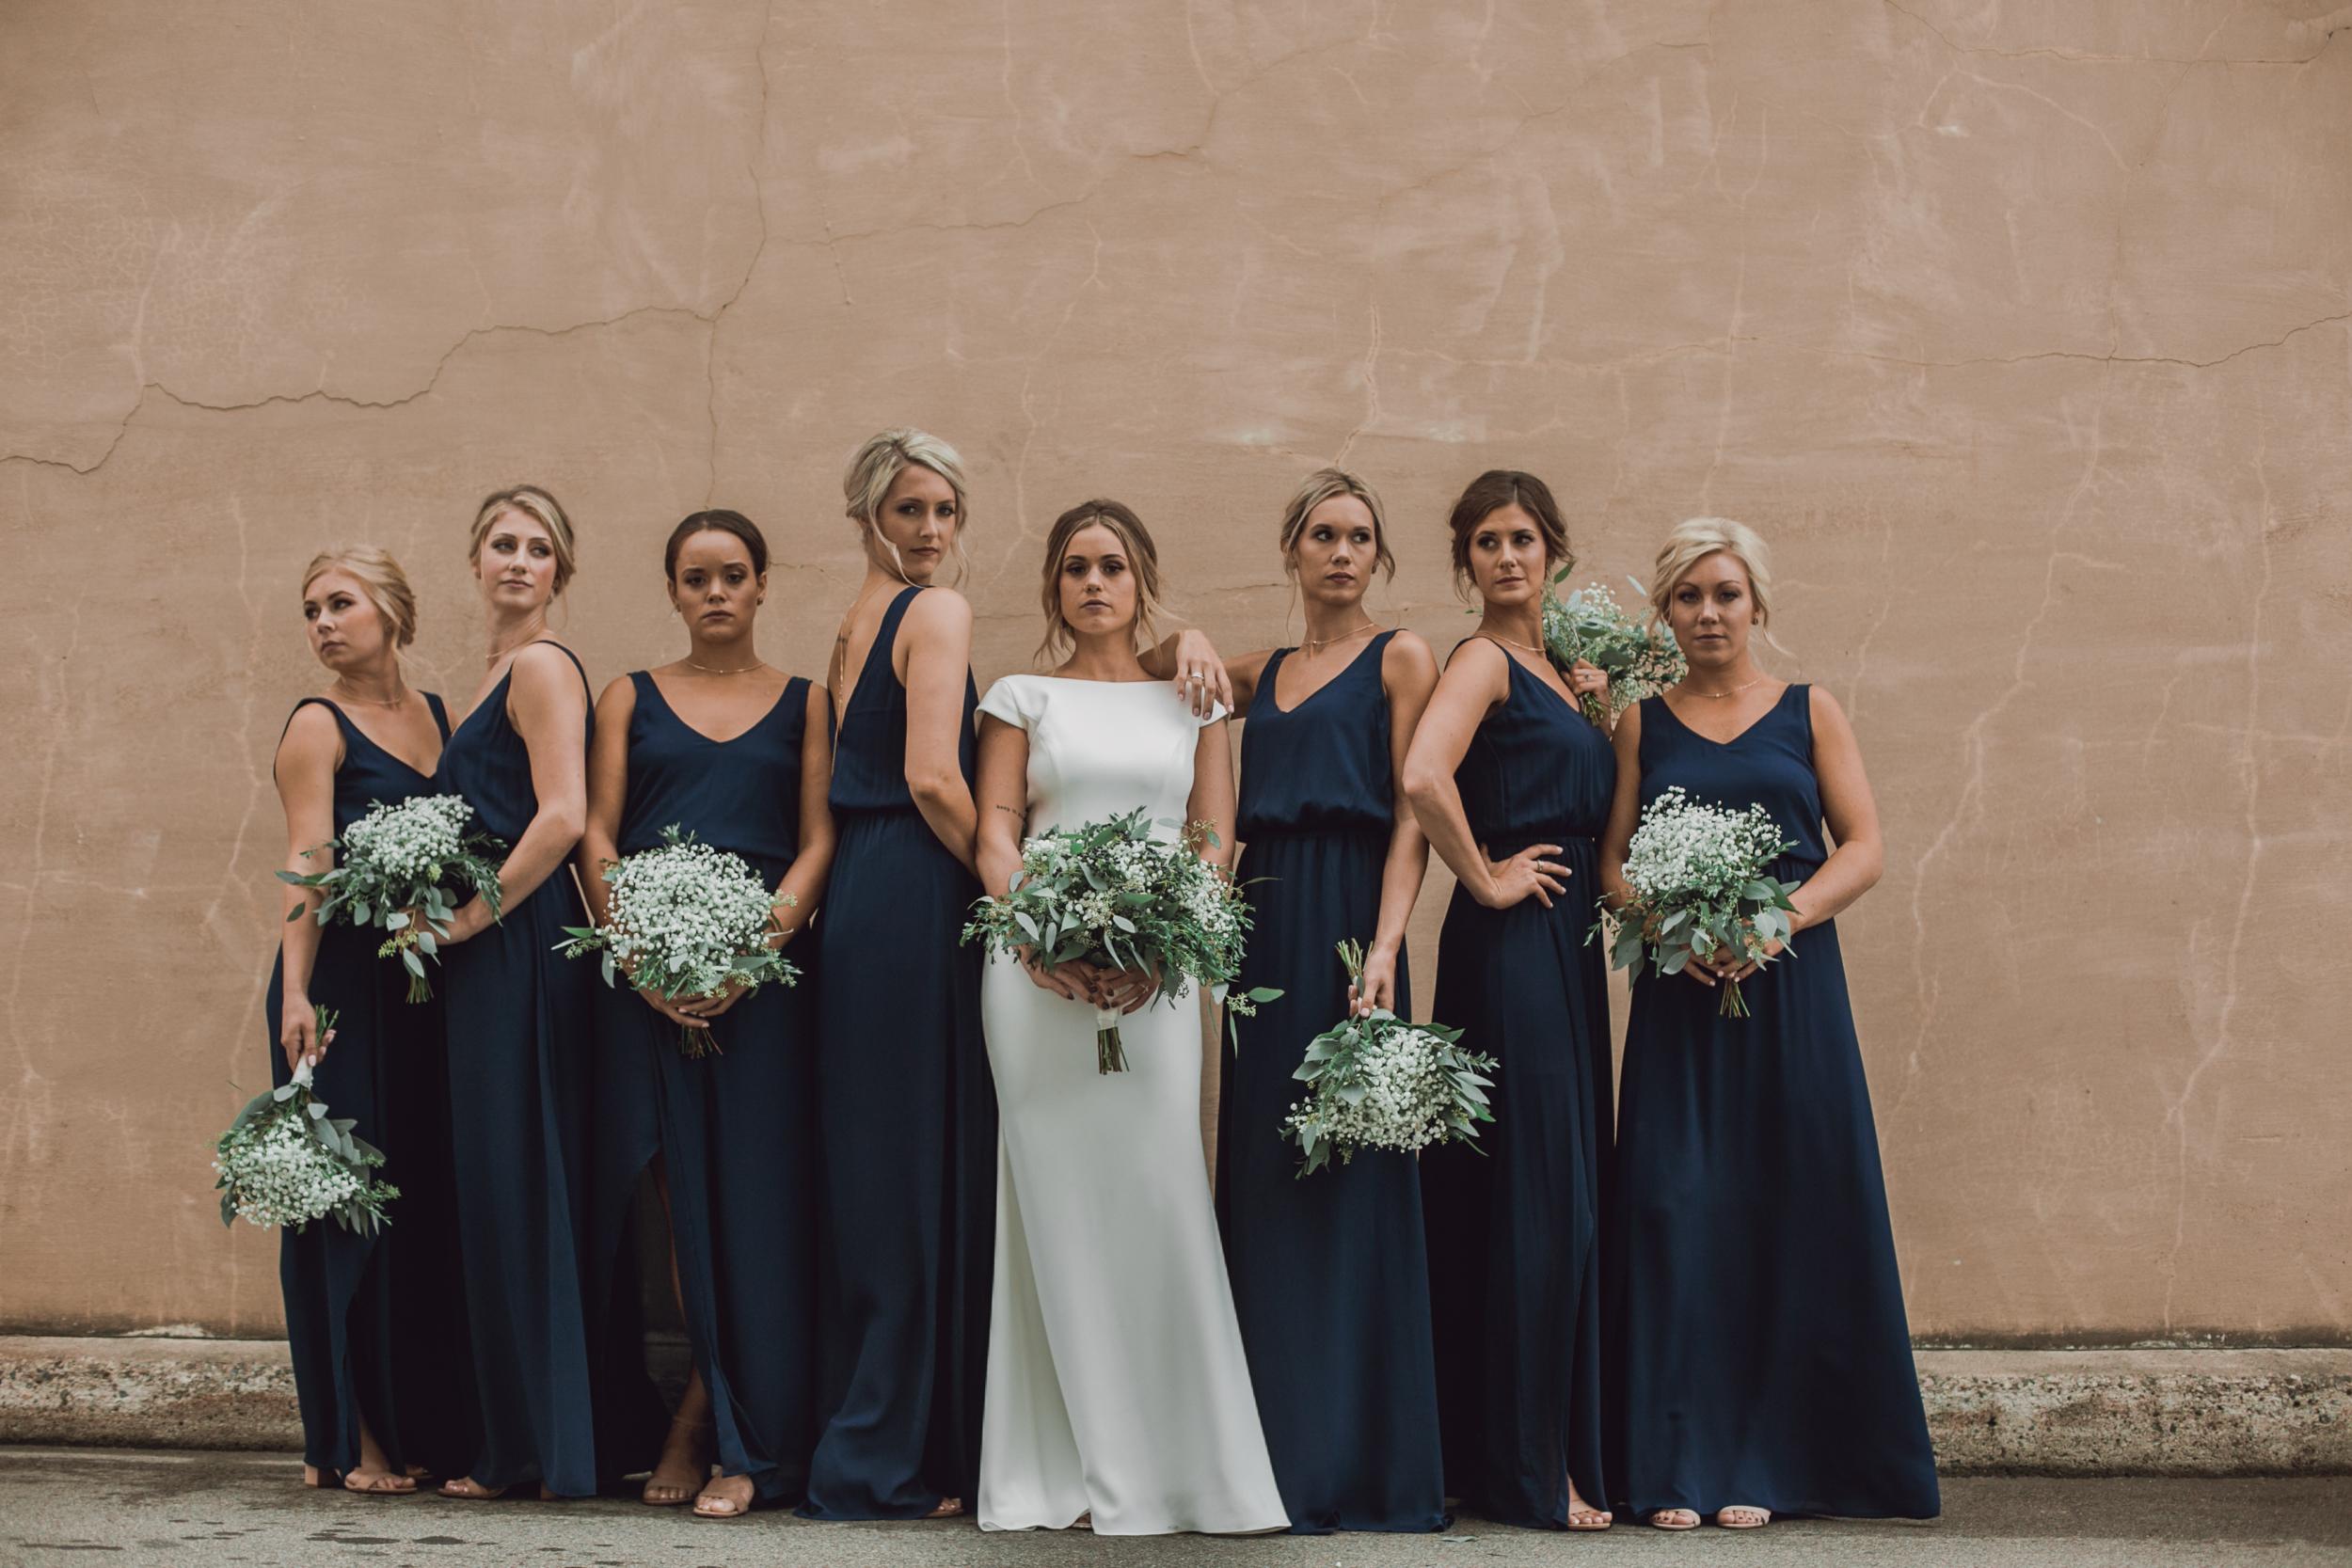 3-ten-event-venue-wedding-16.jpg